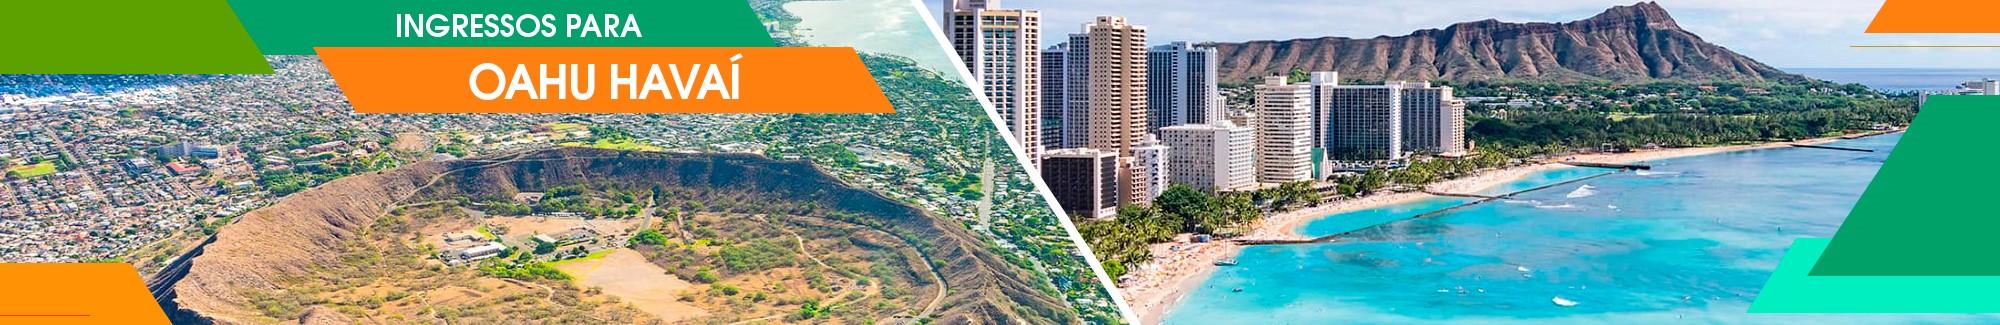 Oahu Havai